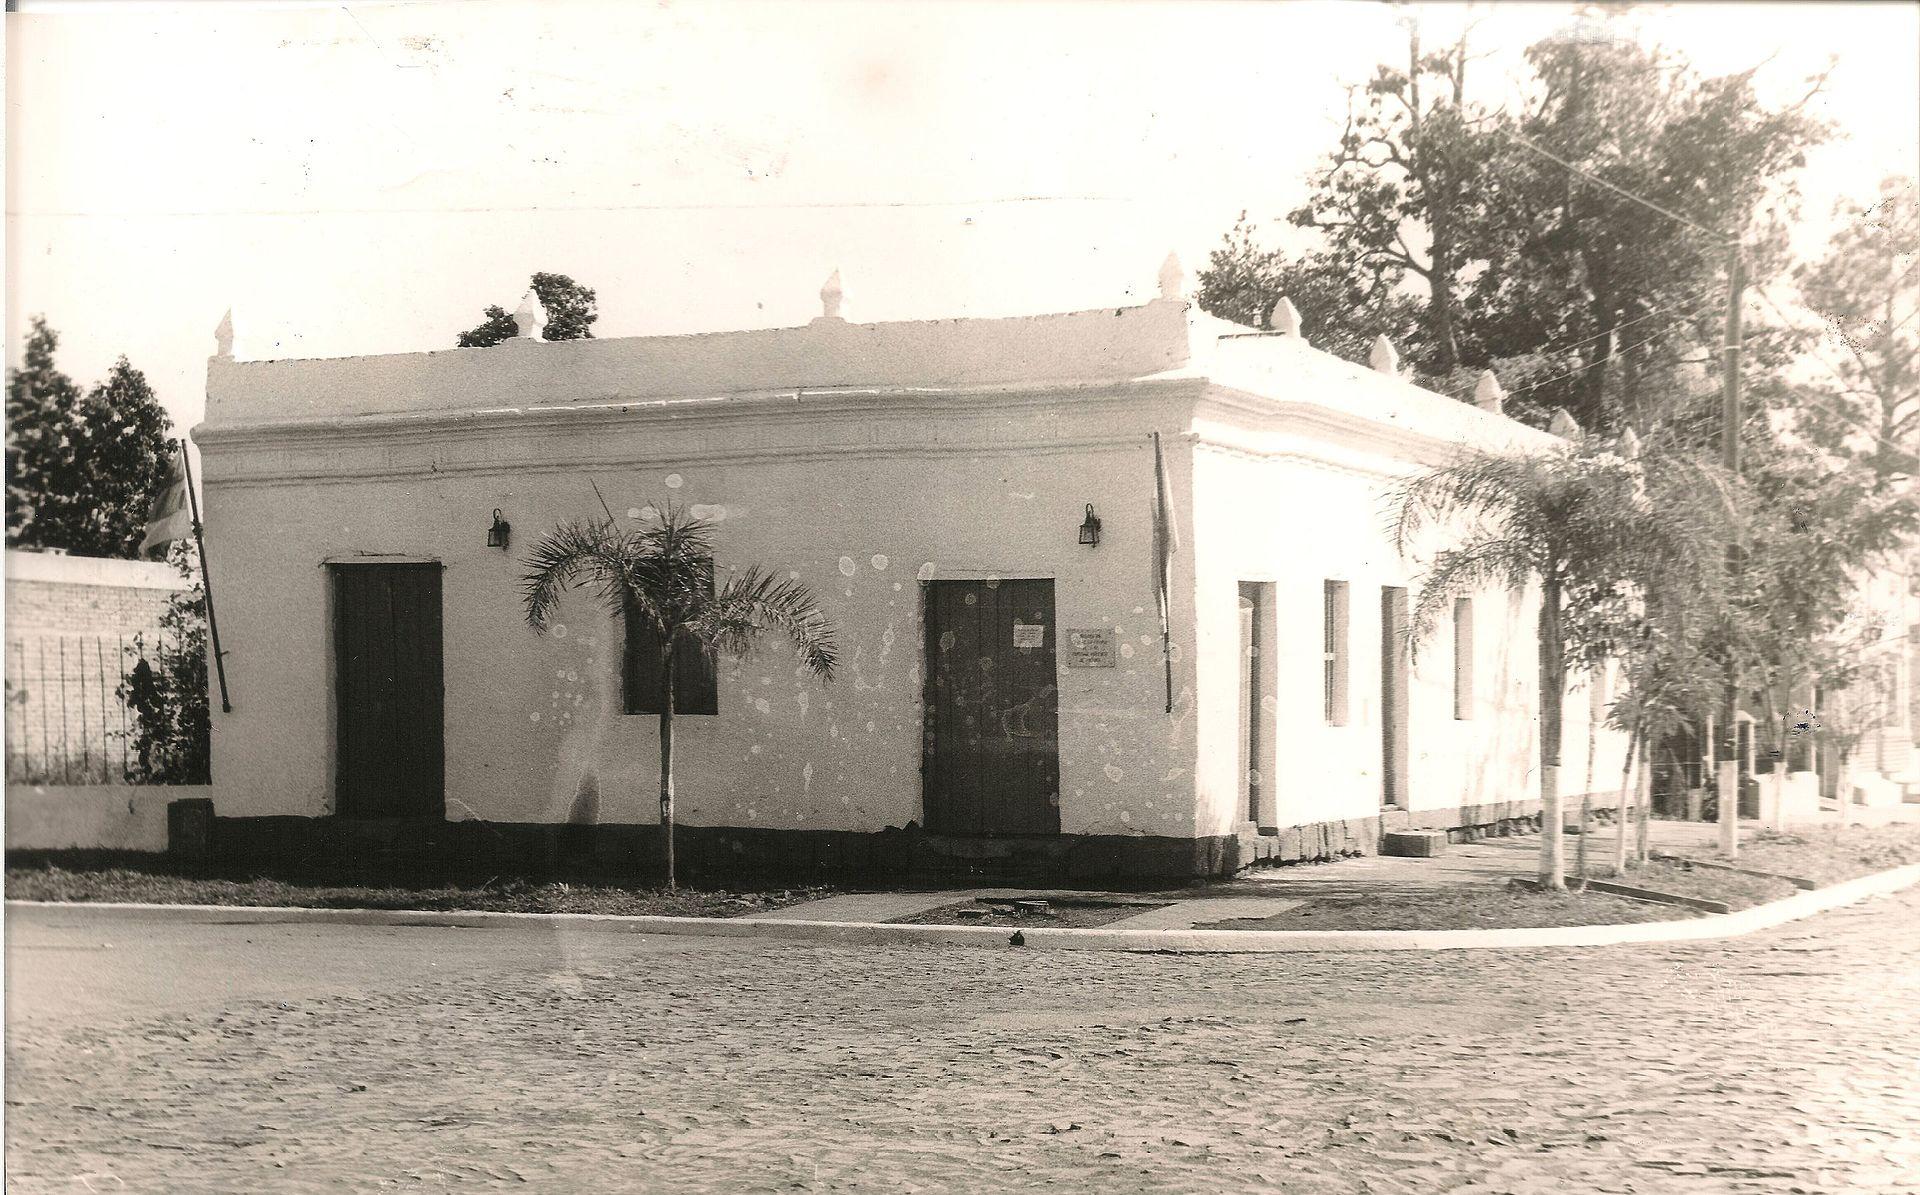 Museo provincial san ignacio de loyola wikipedia la enciclopedia libre - Casa de cultura ignacio aldecoa ...